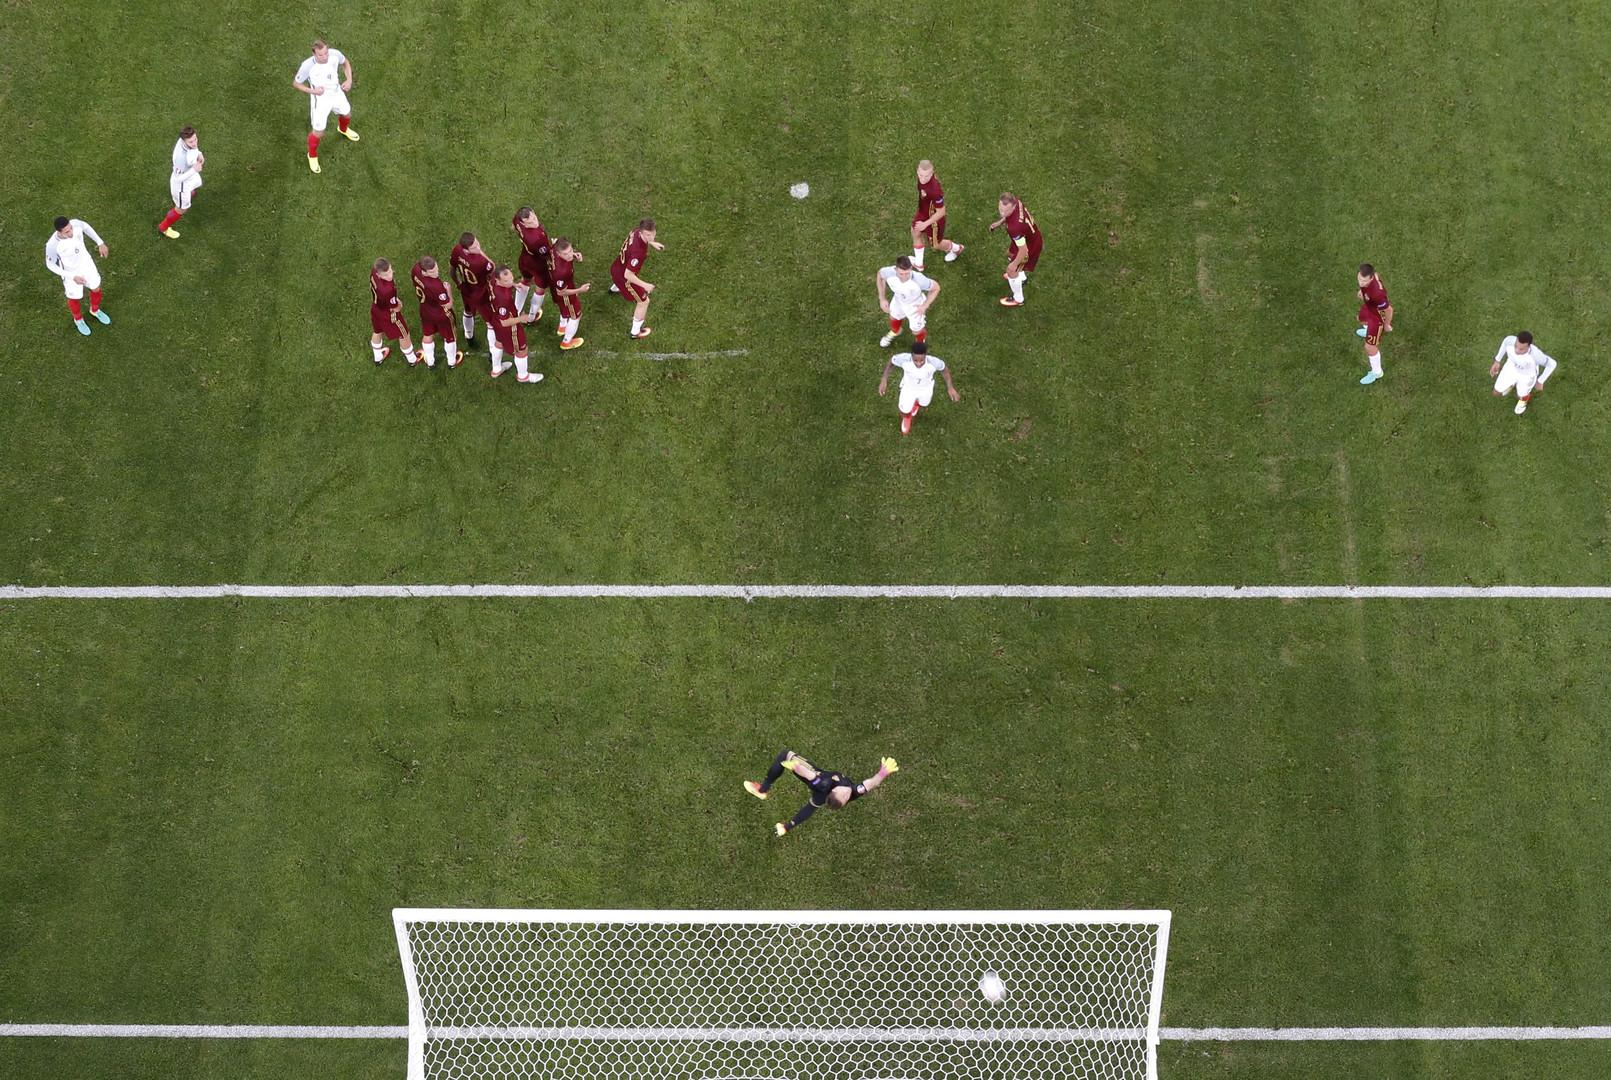 Der englische Torschuss zur 1:0-Führung.